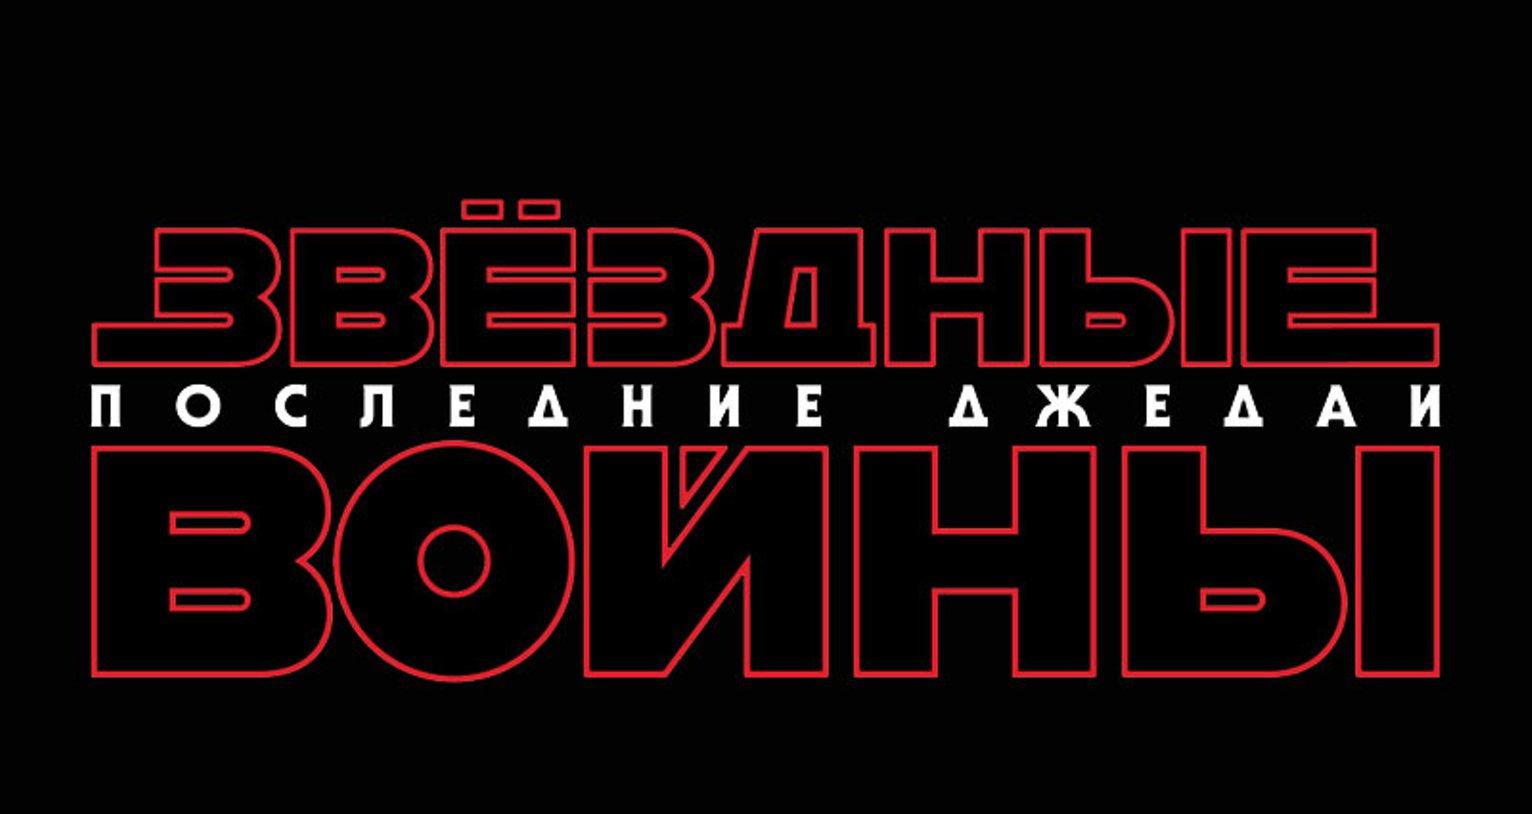 На сайте KINO.KASSIR.RU стартовала продажа билетов на новые «Звездные войны»